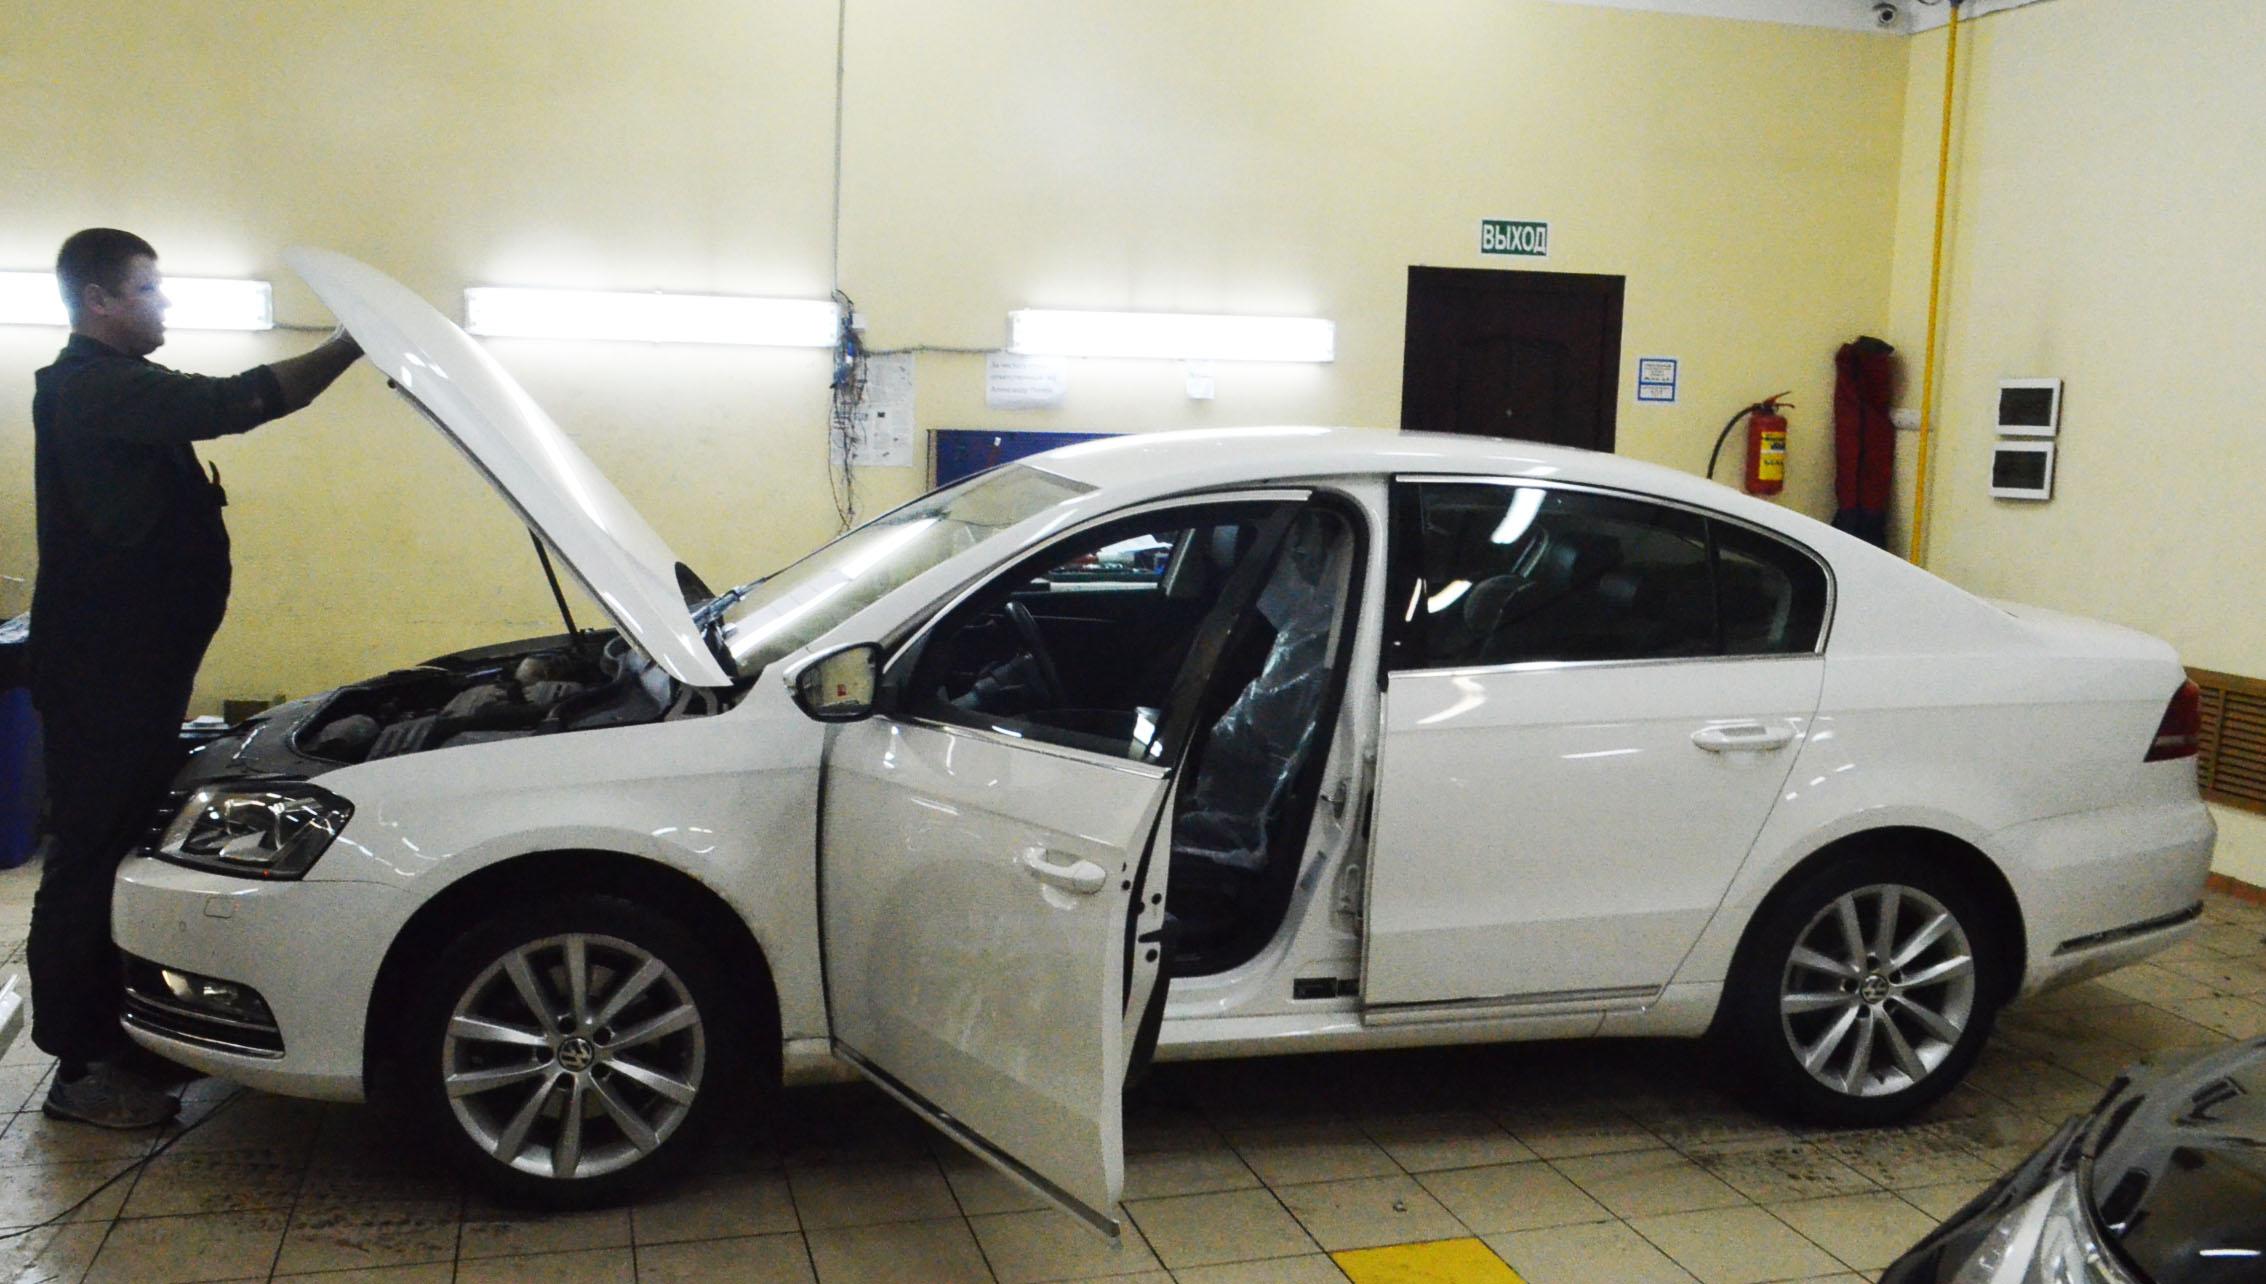 Противоугонная система Призрак 520 для Volkswagen Passat